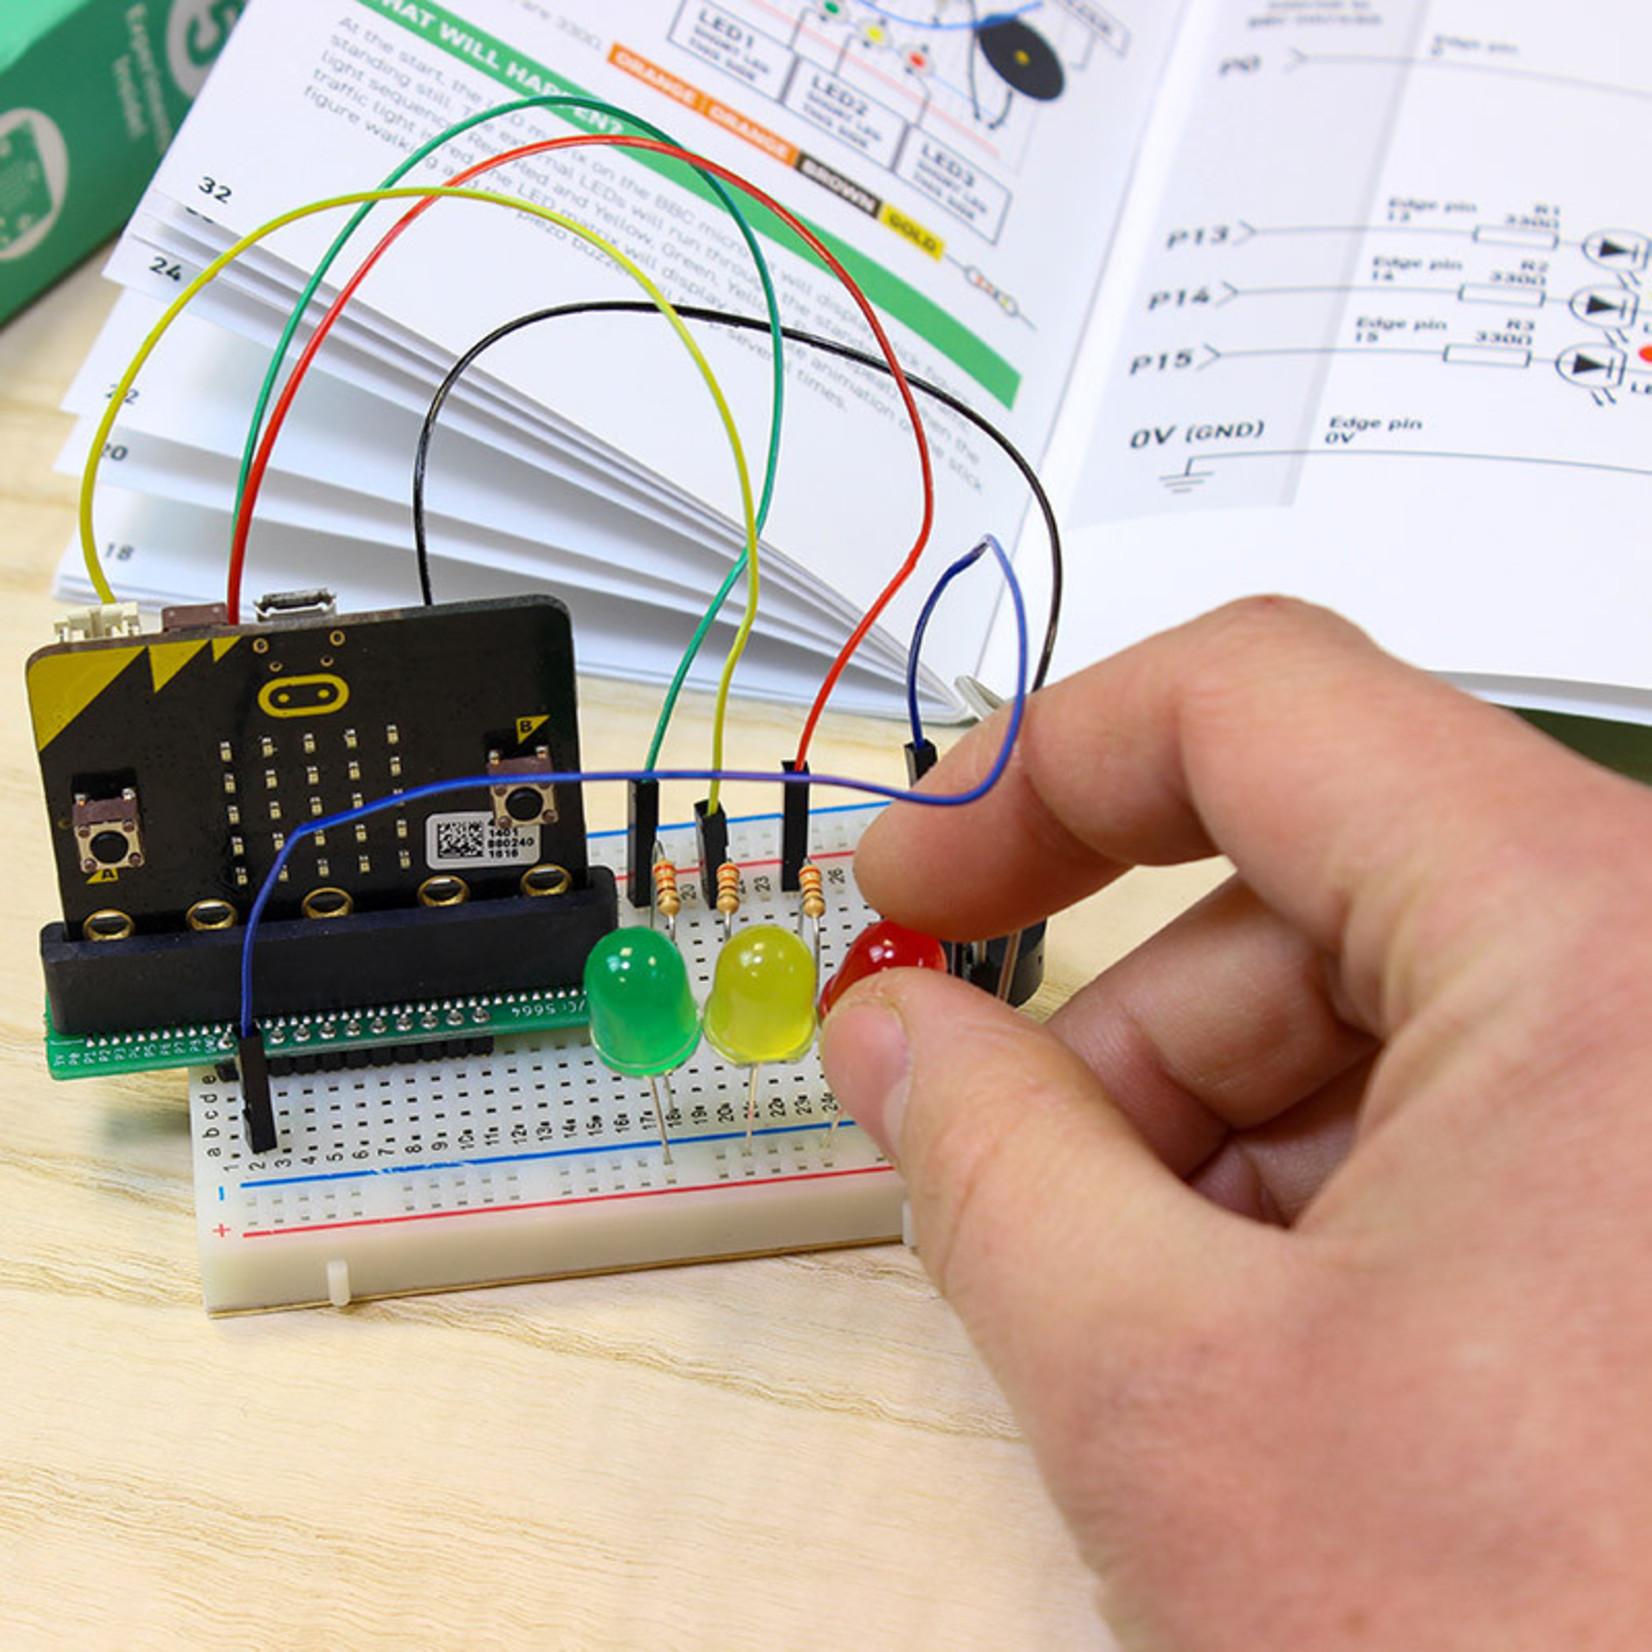 Kitronik Kitronik Discovery Kit for the BBC micro:bit